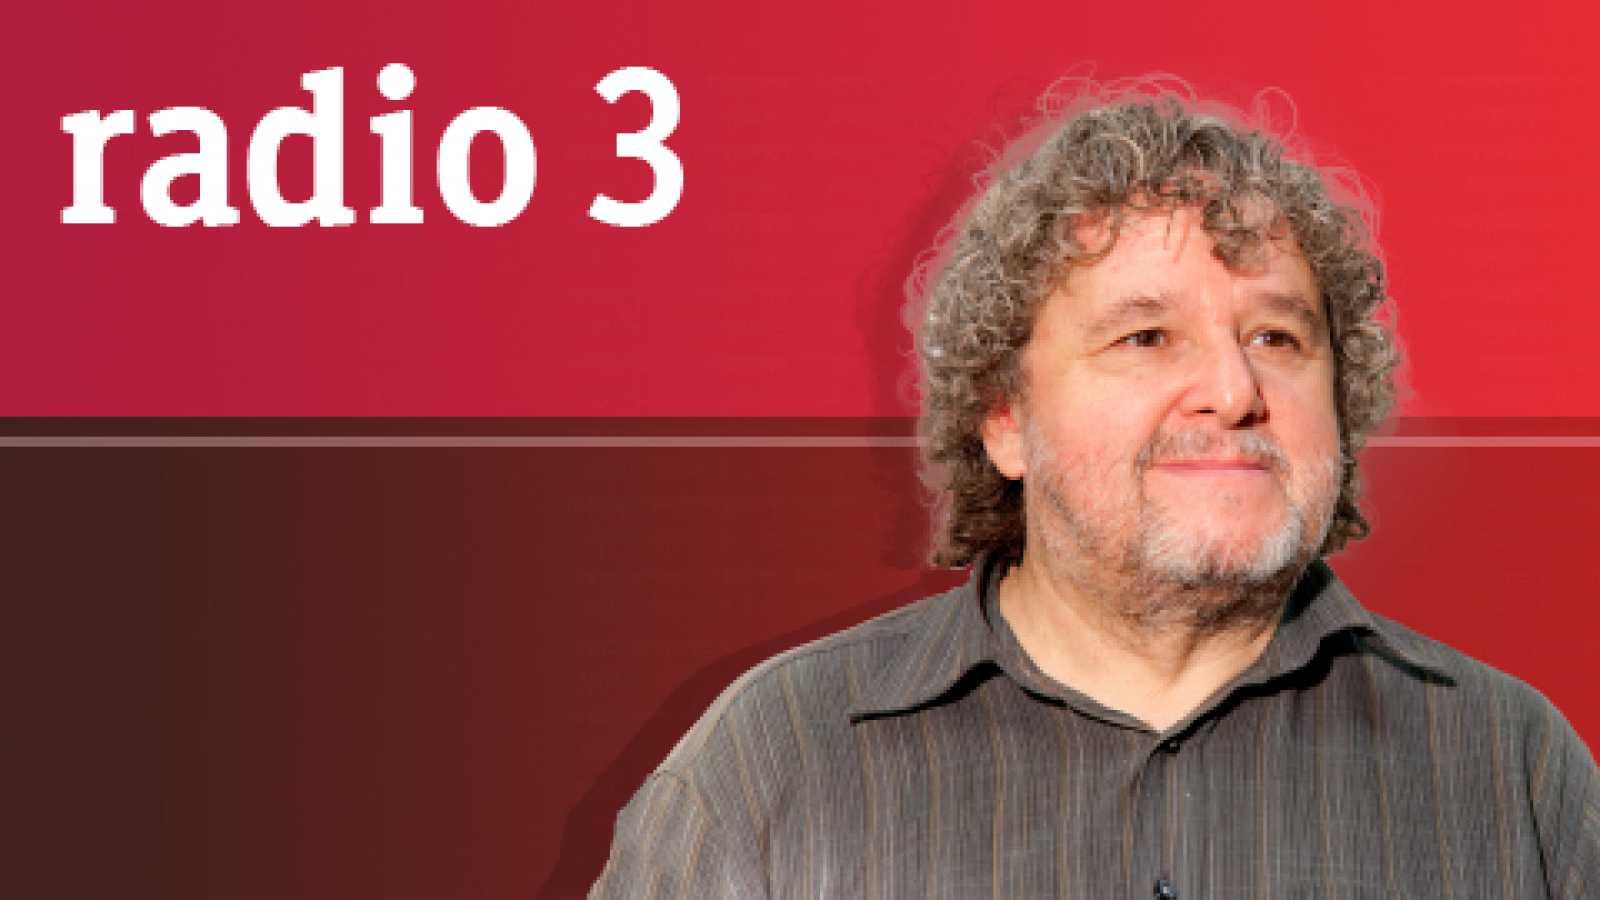 Disco Grande - Mona y su concierto de Museo (I) - 13/04/17 - escuchar ahora